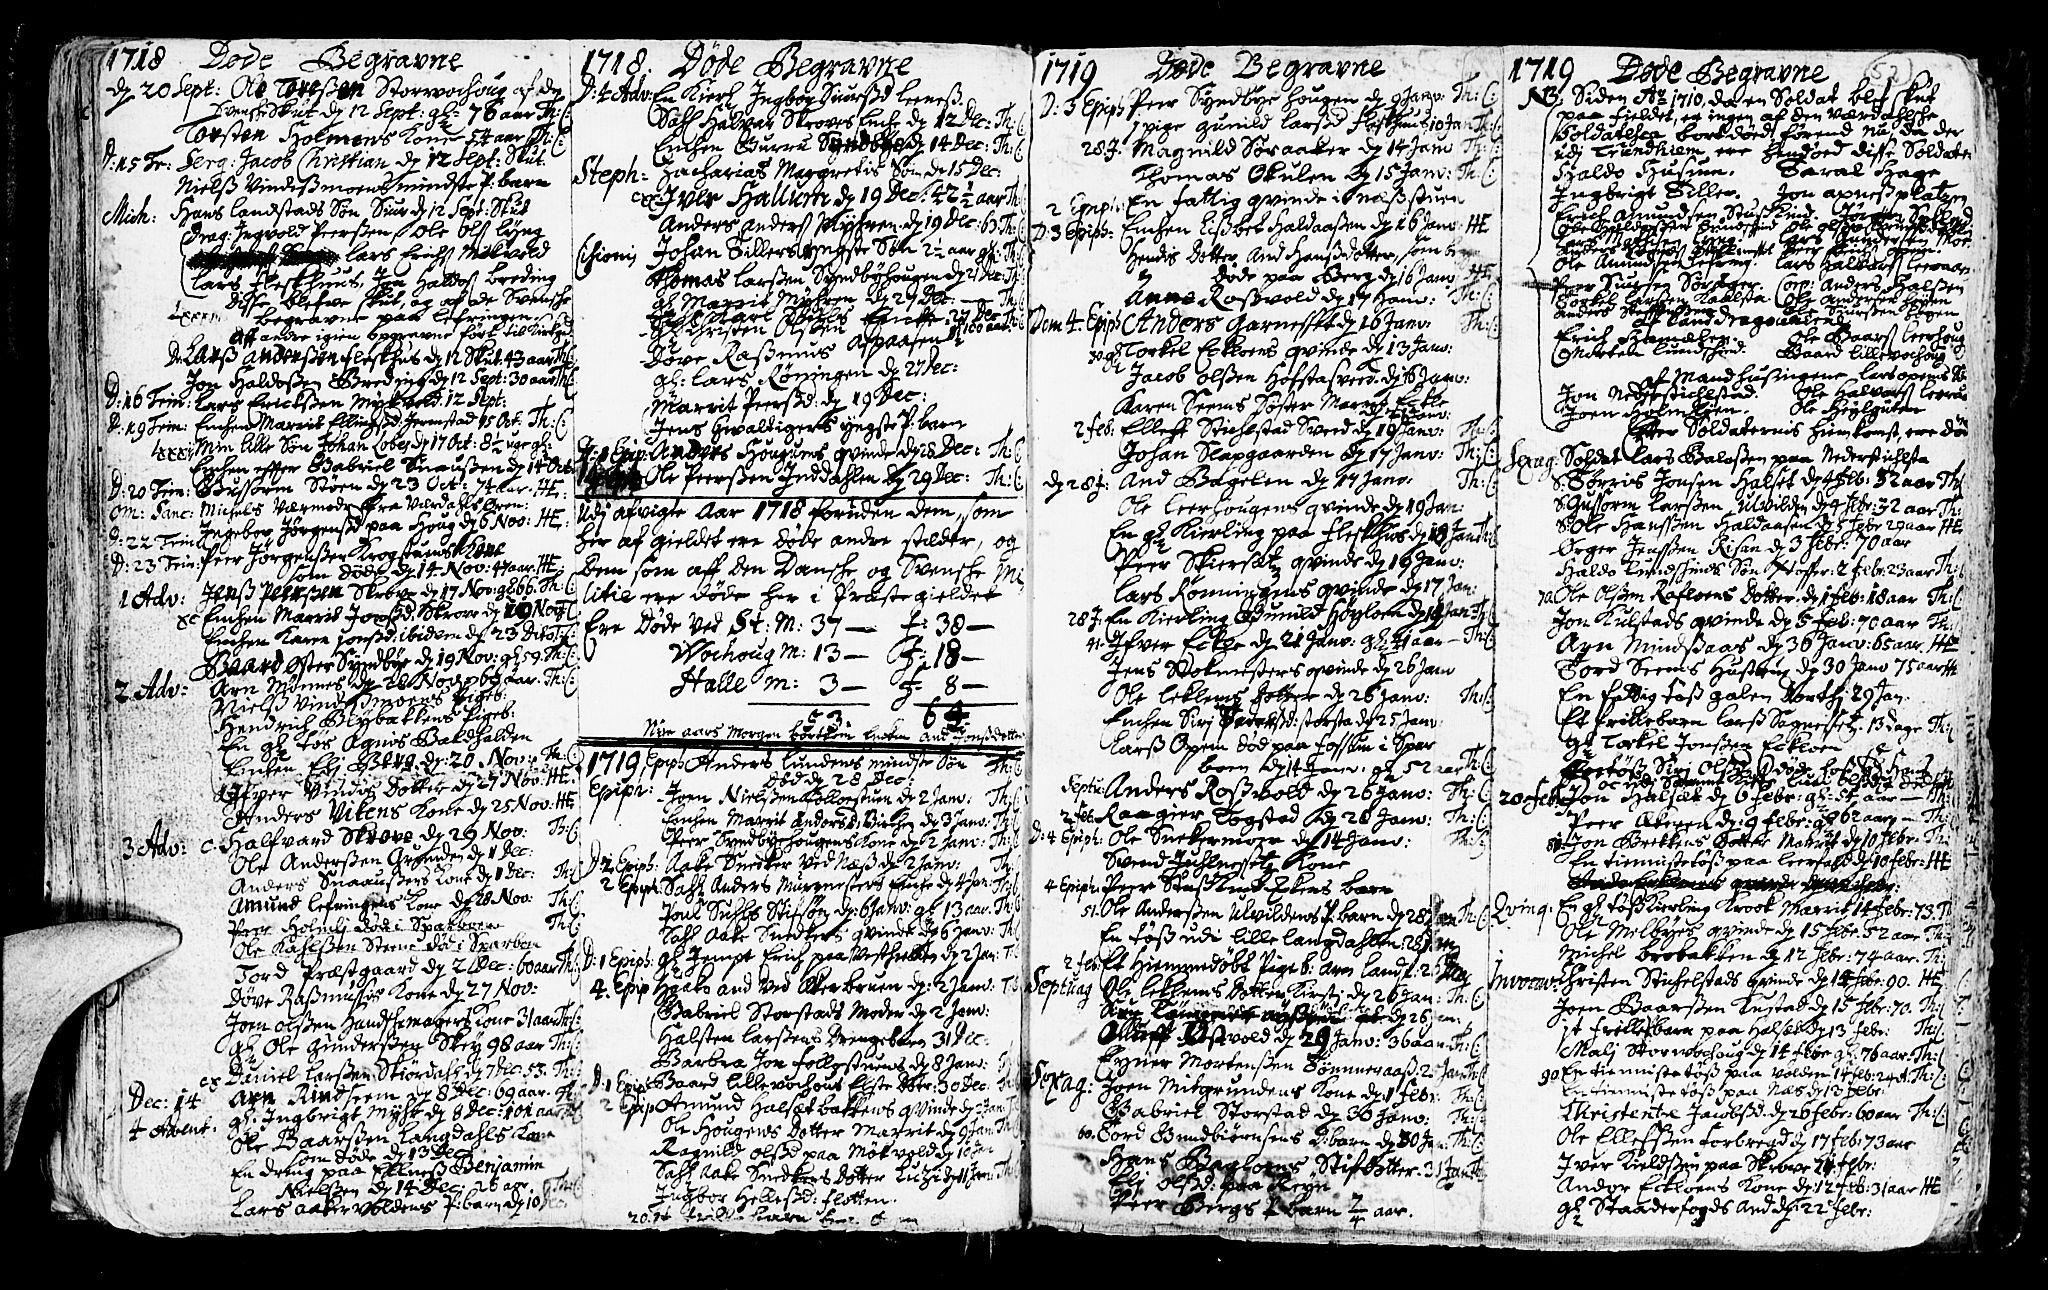 SAT, Ministerialprotokoller, klokkerbøker og fødselsregistre - Nord-Trøndelag, 723/L0230: Ministerialbok nr. 723A01, 1705-1747, s. 52